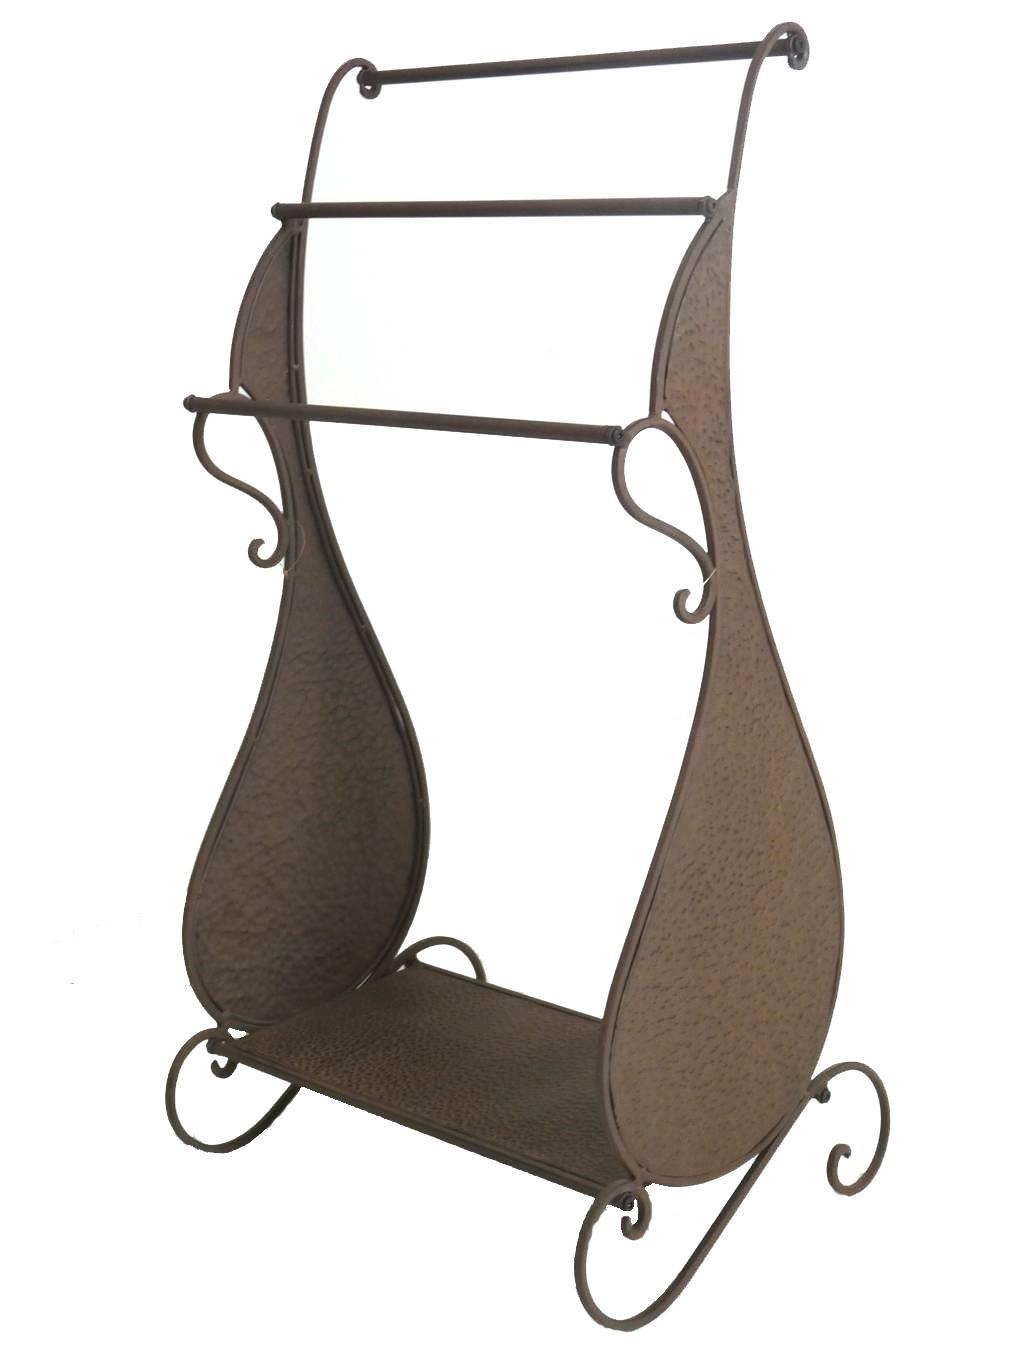 meuble tagre portant de salle de bain etendoir porte serviette valet de chambre en fer marron 37x47x89cm lhritier du temps - Valet De Salle De Bain